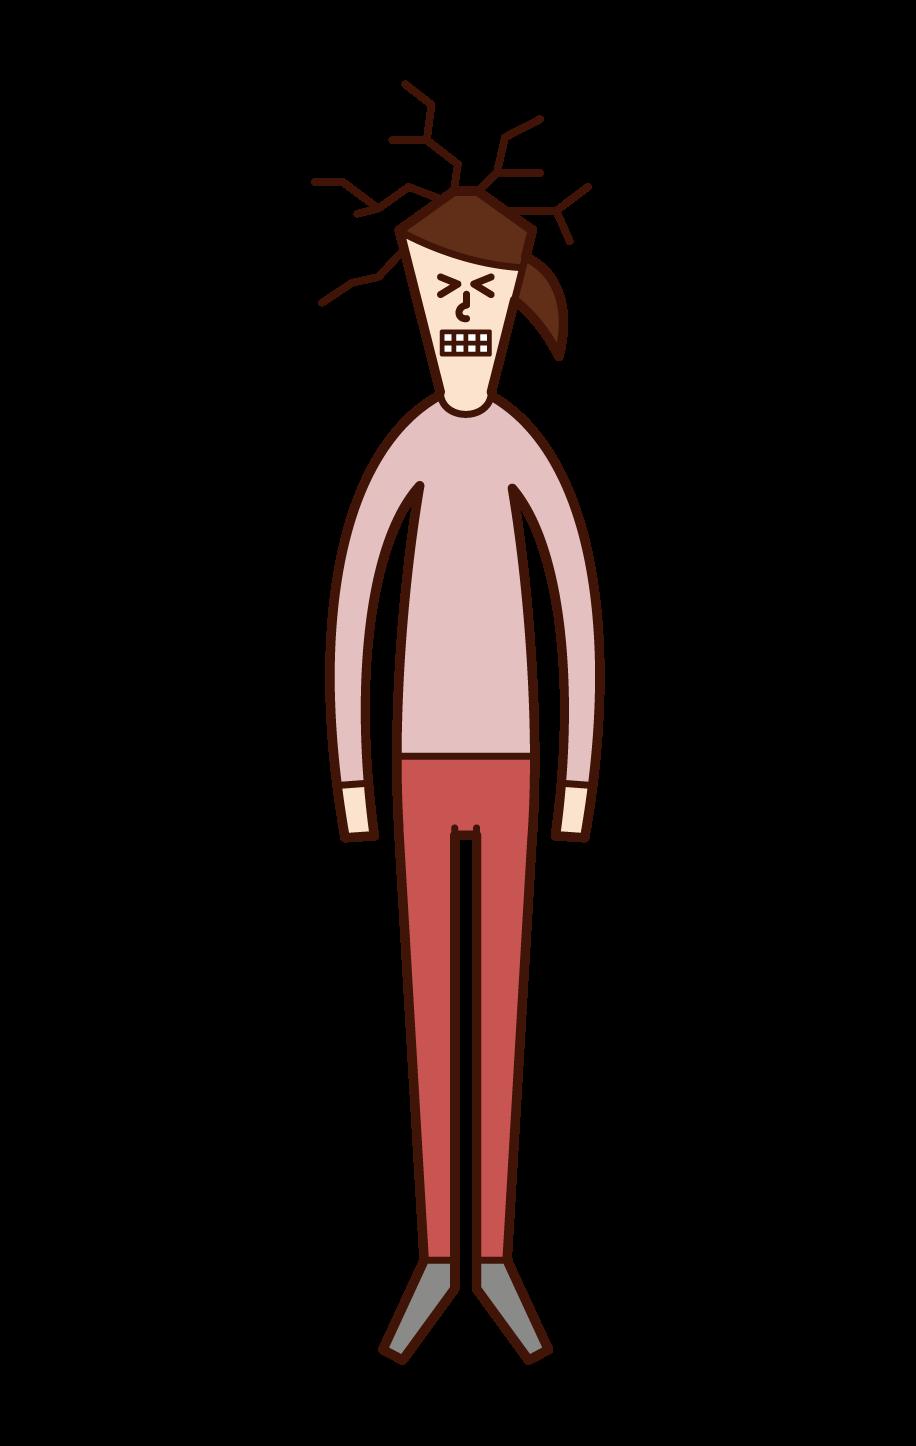 天井に頭をぶつける人(女性)のイラスト